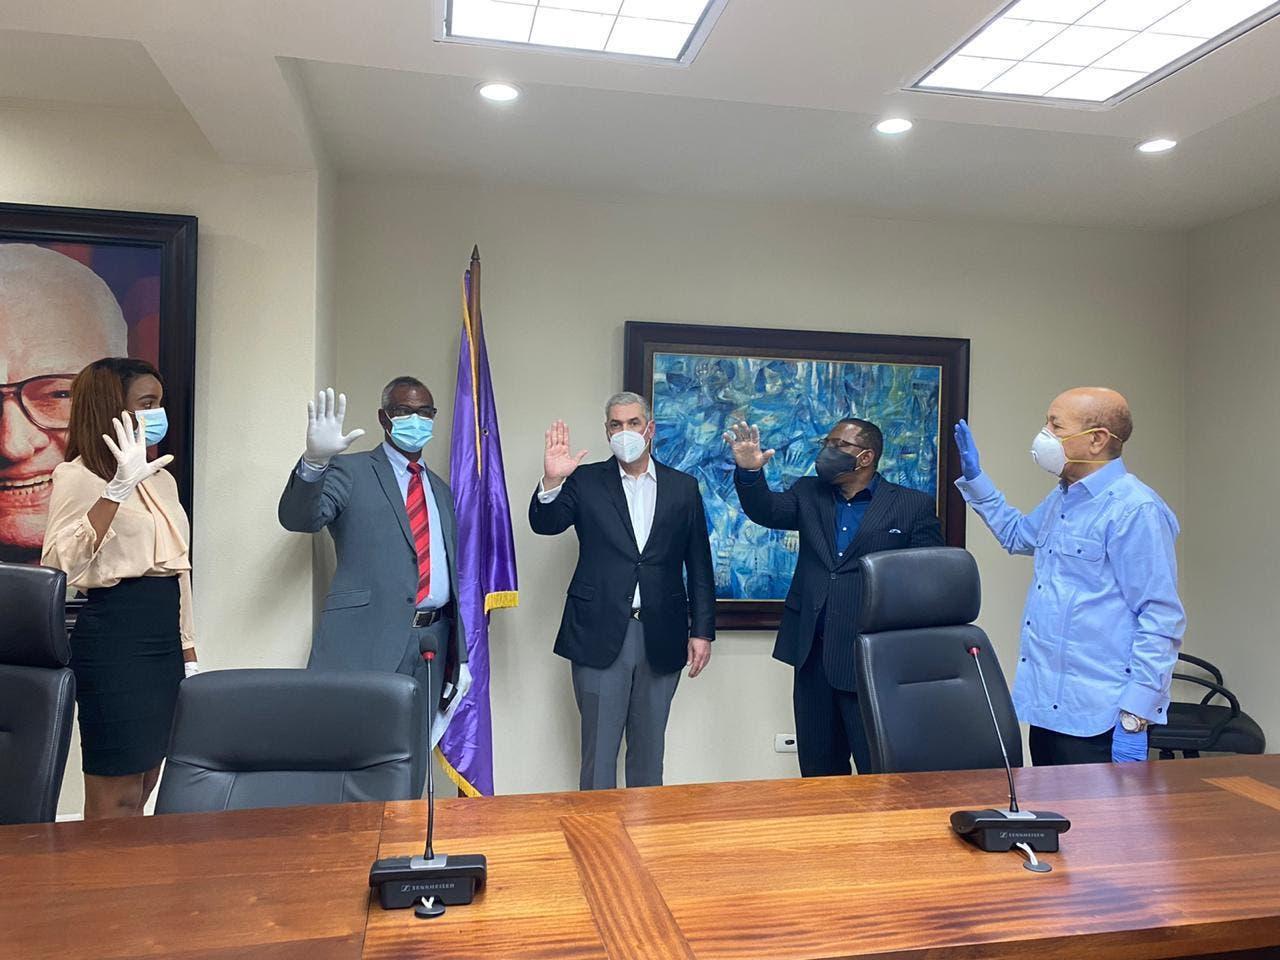 Dos alcaldes del PRSC y una regidora de la FP pasan a apoyar a Gonzalo